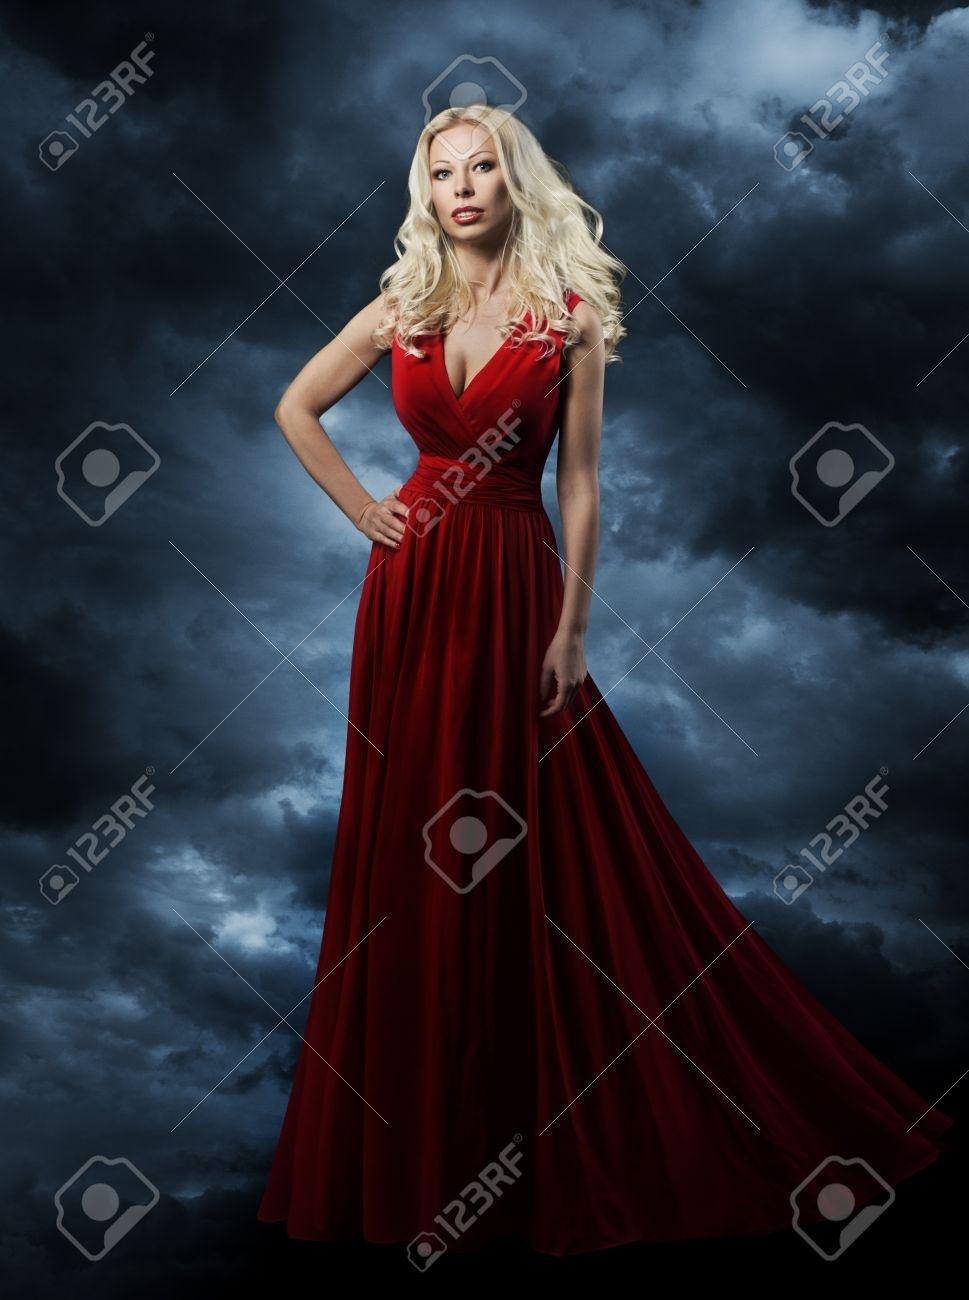 Abend Ausgezeichnet Frau Im Abendkleid Spezialgebiet10 Schön Frau Im Abendkleid Design